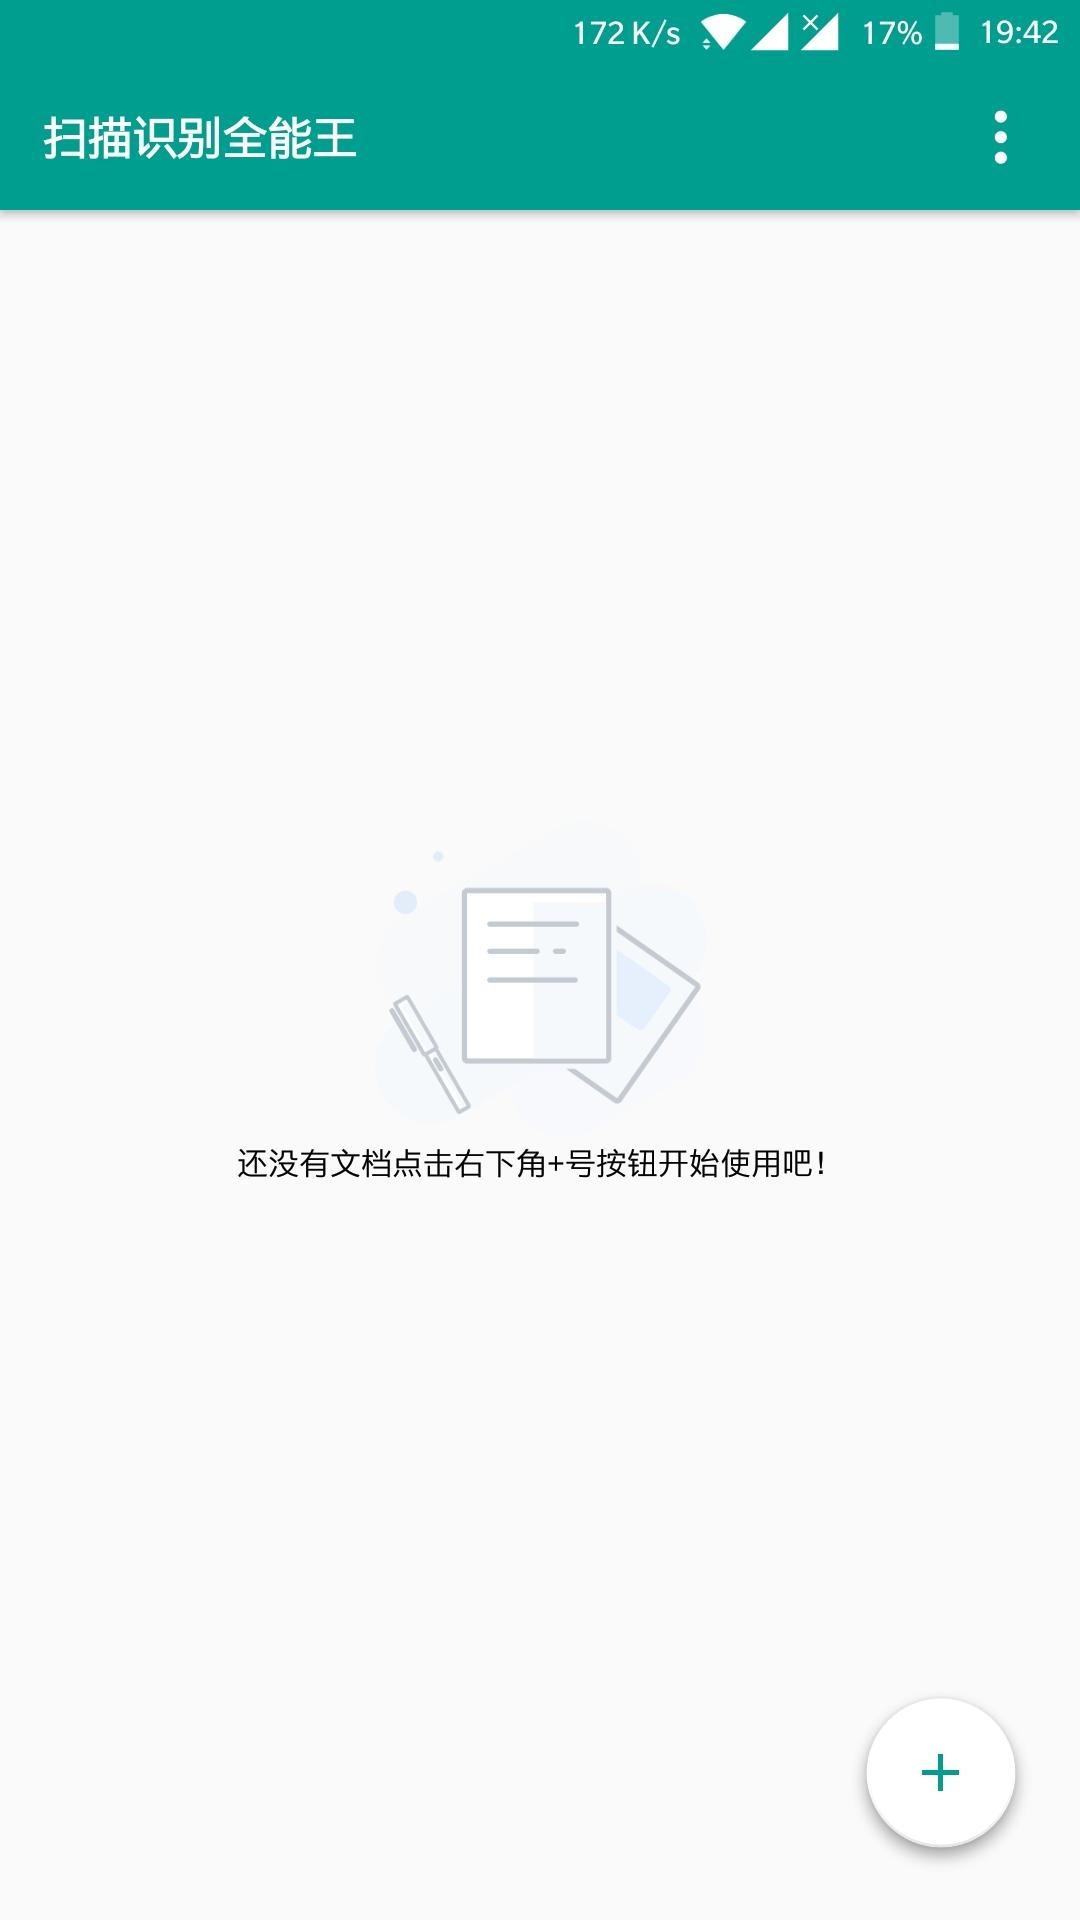 Screenshot_20180606-194254.jpg